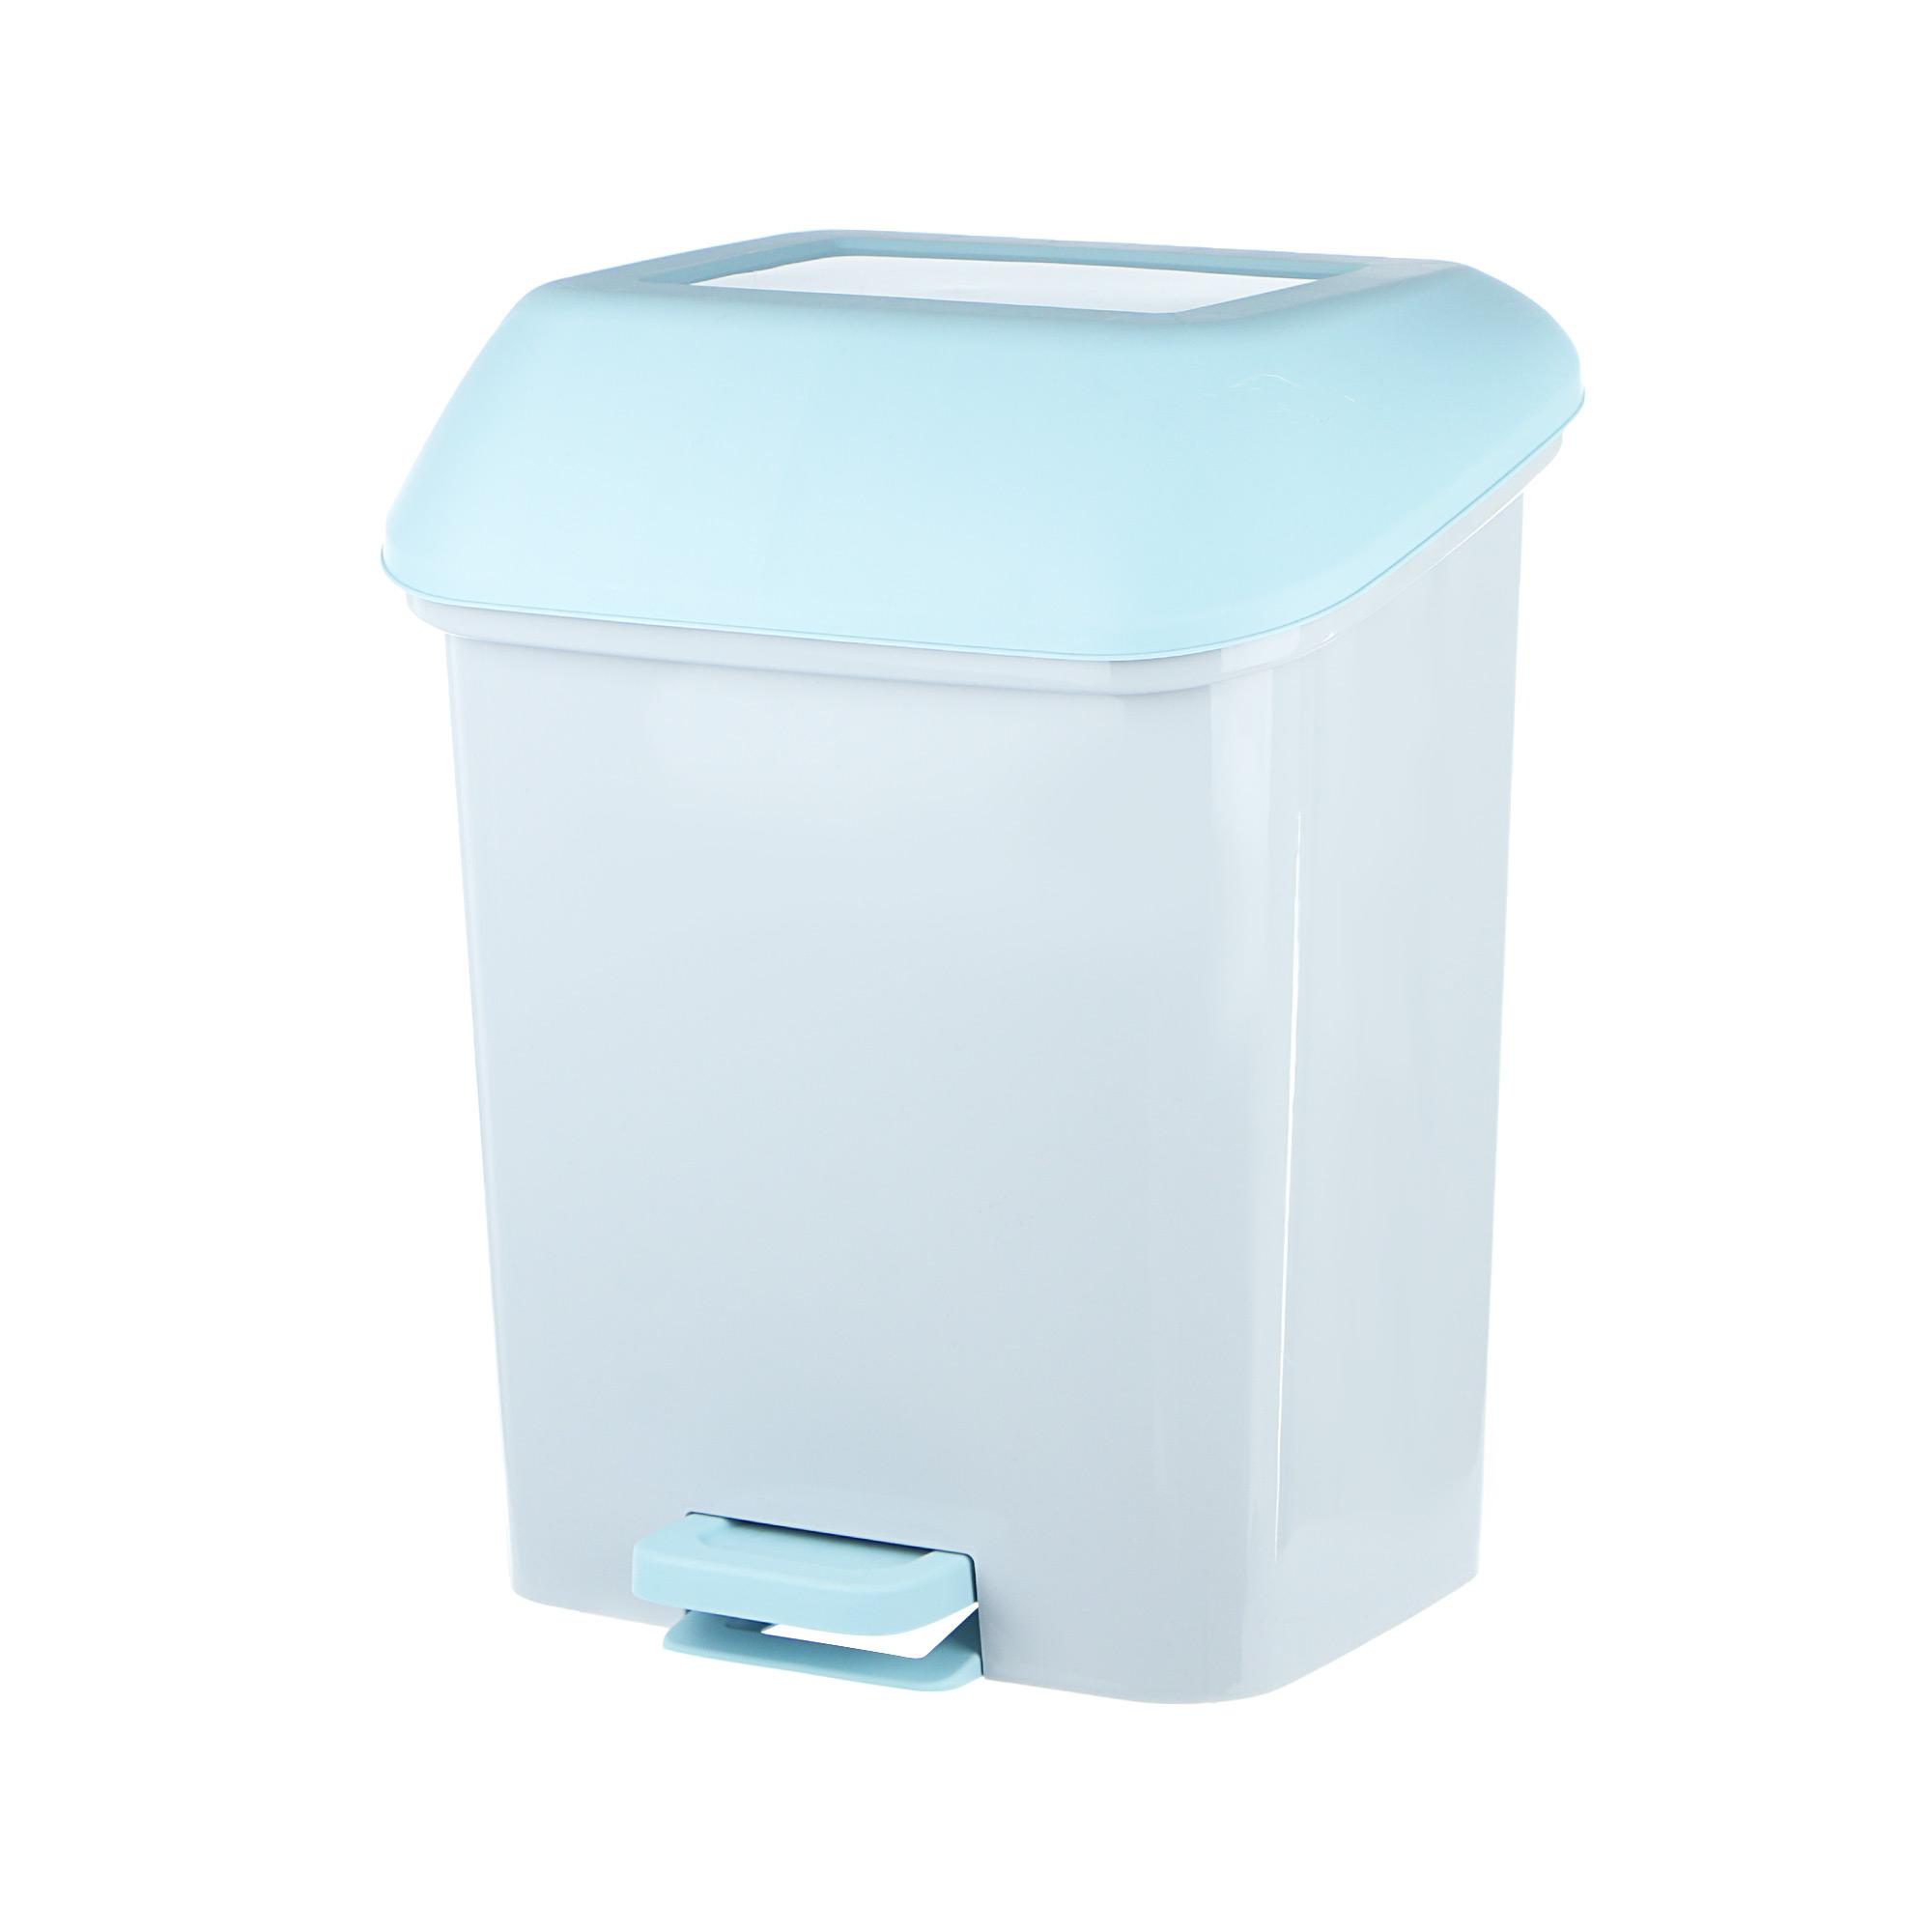 Контейнер для мусора с педалью Квадра 15 л контейнер пластиковый для мусора ese 120 л желтый